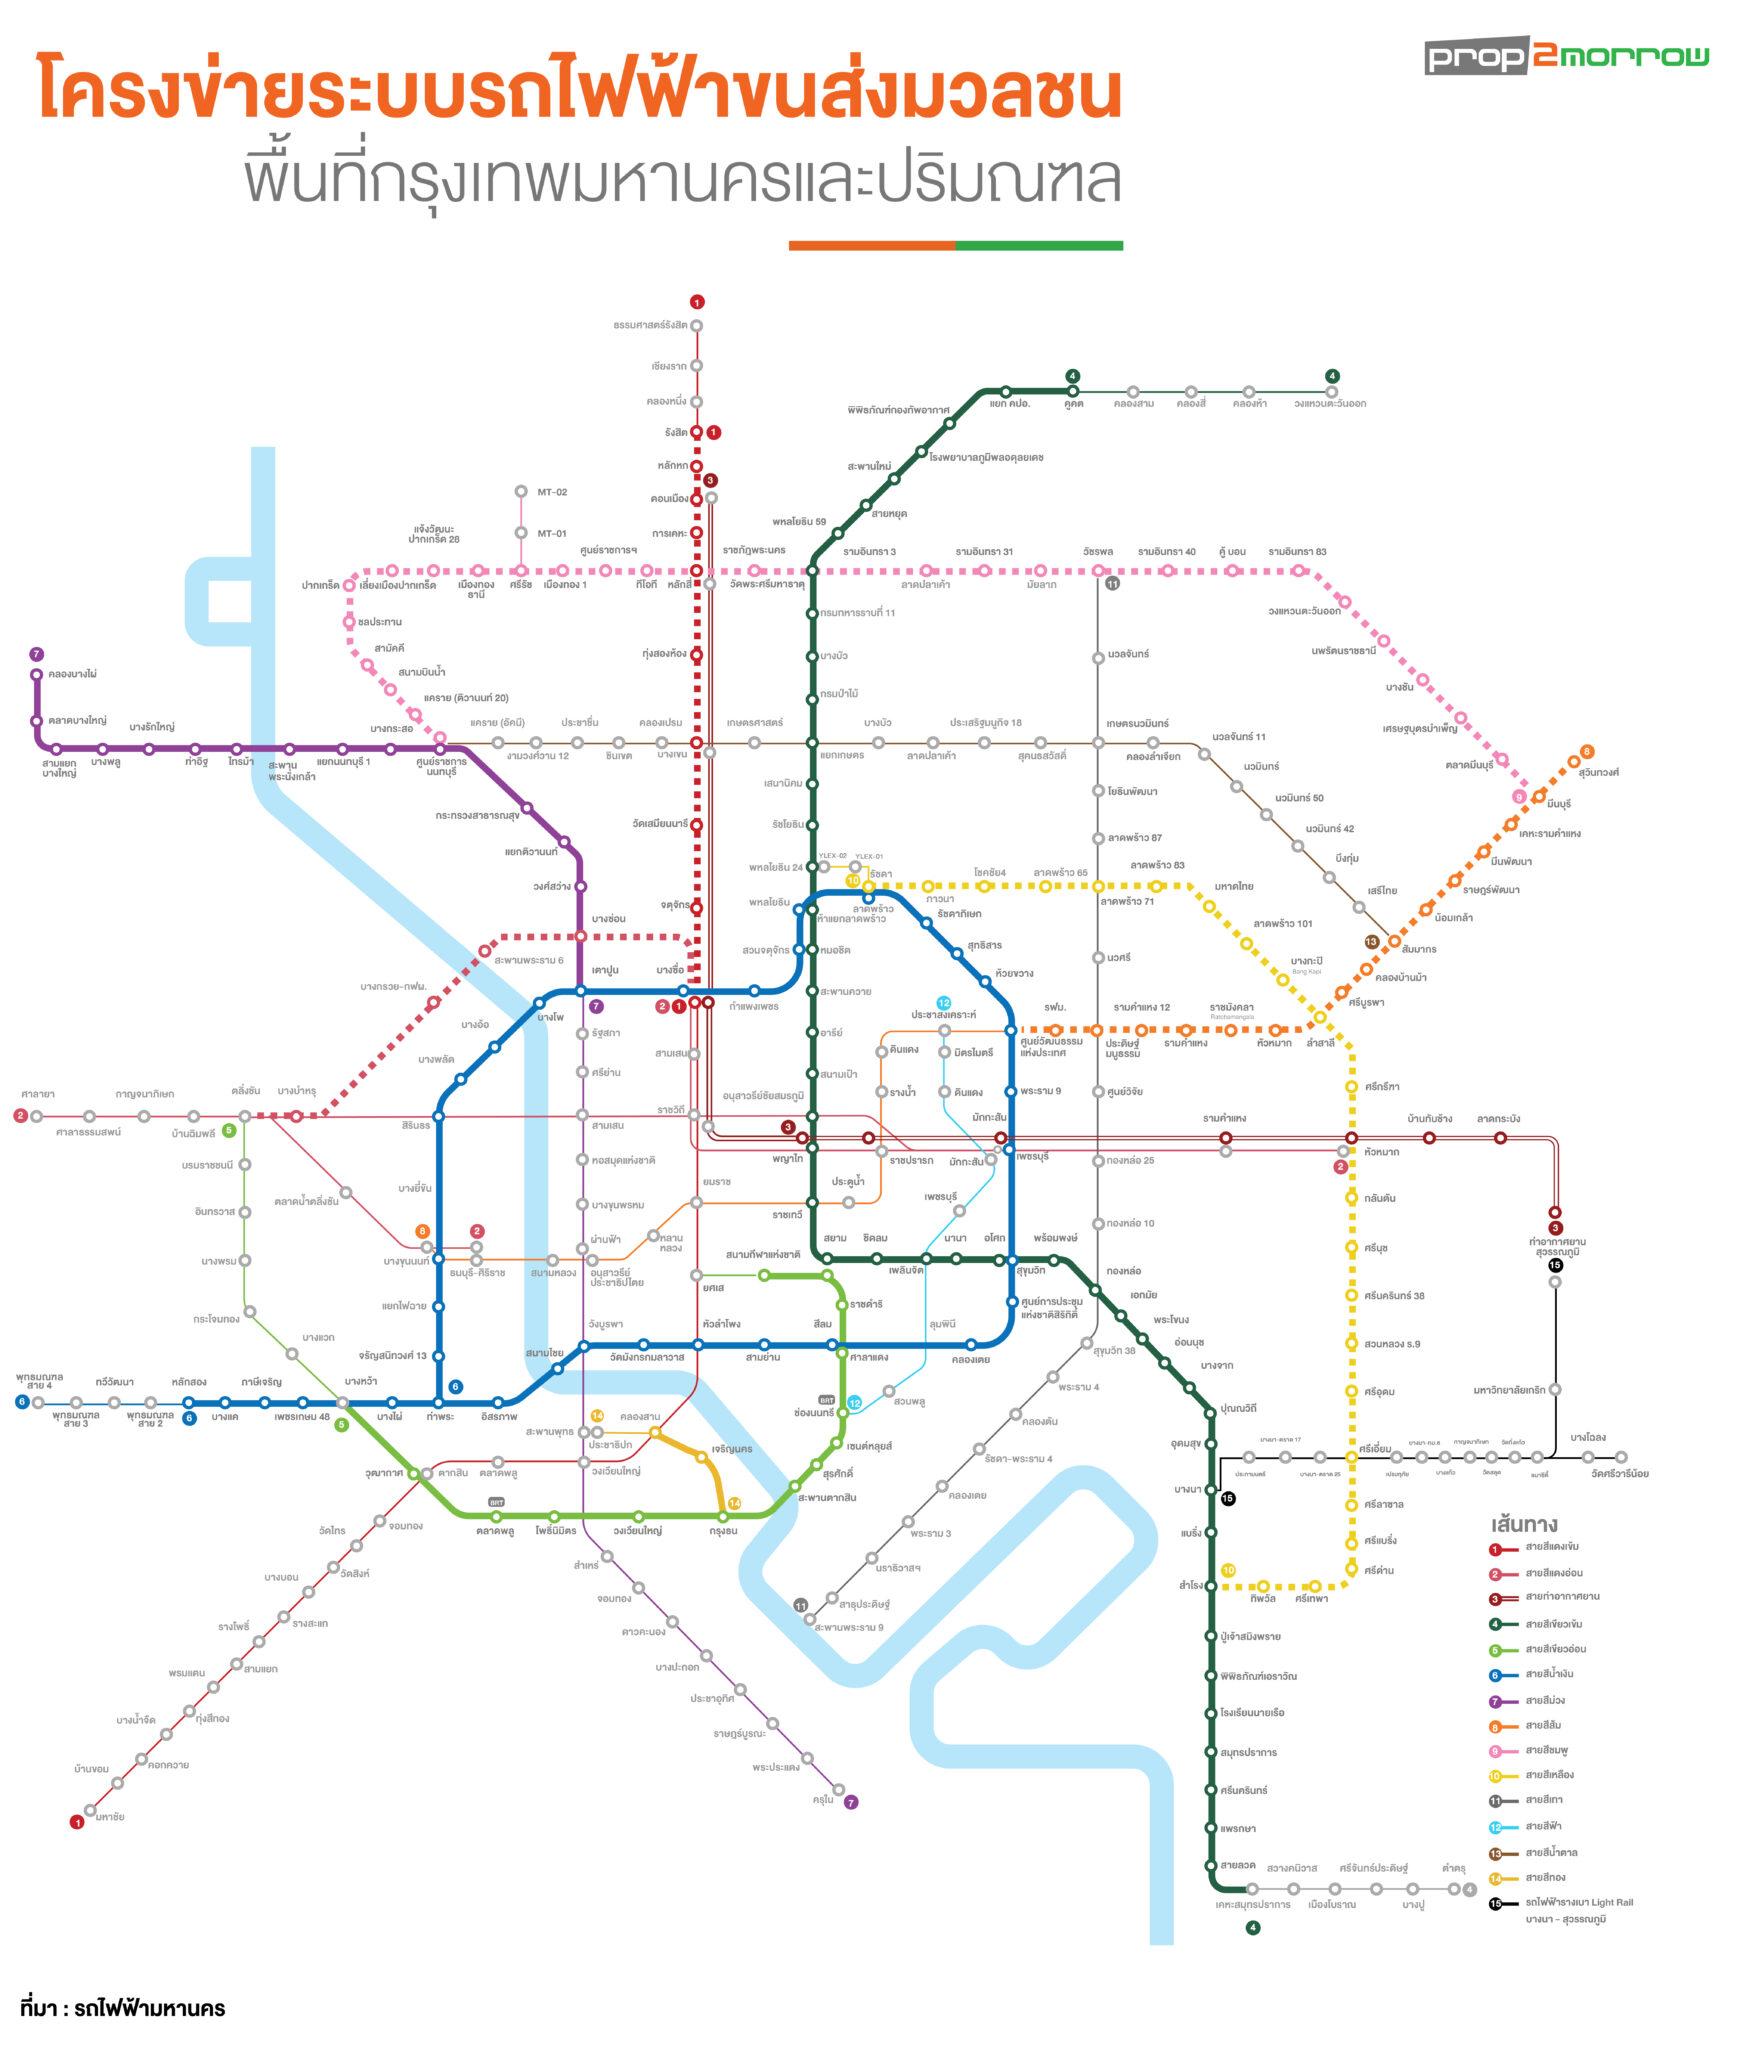 อัพเดทแผนที่รถไฟฟ้าพื้นที่กรุงเทพมหานครและปริมณฑล ปี 2564 | Prop2Morrow บ้าน คอนโด ข่าวอสังหาฯ